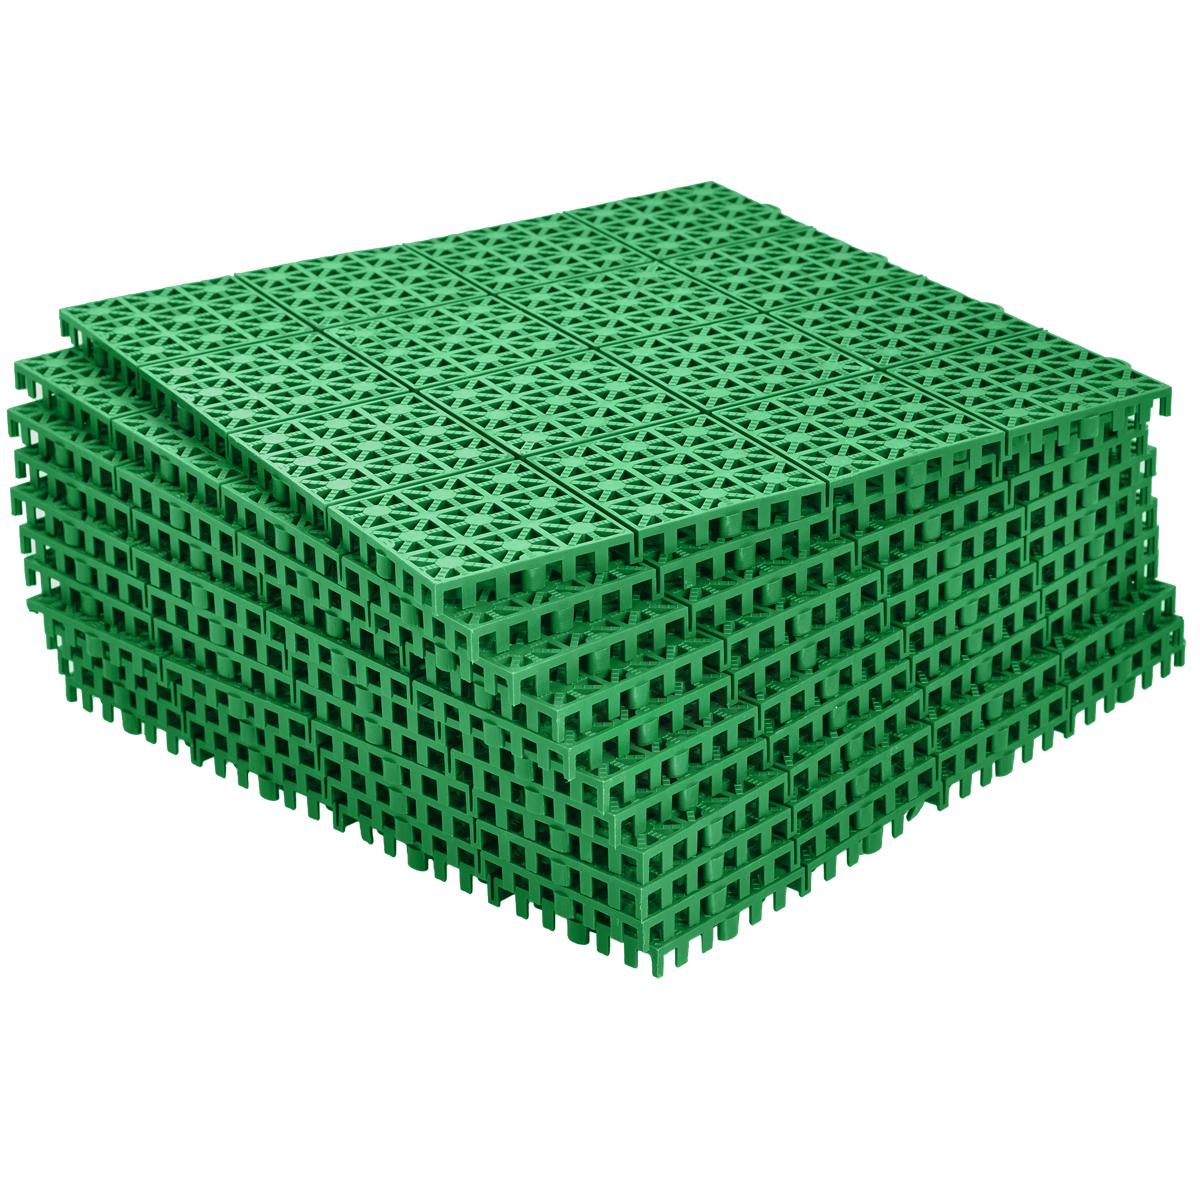 Покрытие садовое FIT, модульное, 30 см х 30 см, 11 шт77492Универсальное модульное покрытие для улиц и помещений. Может использоваться для обустройства садовых дорожек, автомобильных площадок, помещения балконов, террас, игровых и спортивных площадок, а так же для оформления пола внутри помещений. Выполнено из высококачественных морозостойких полипропиленов и может использоваться при температуре от -50 до +70 °С.Быстрая и легкая сборка не требует специального инструмента.